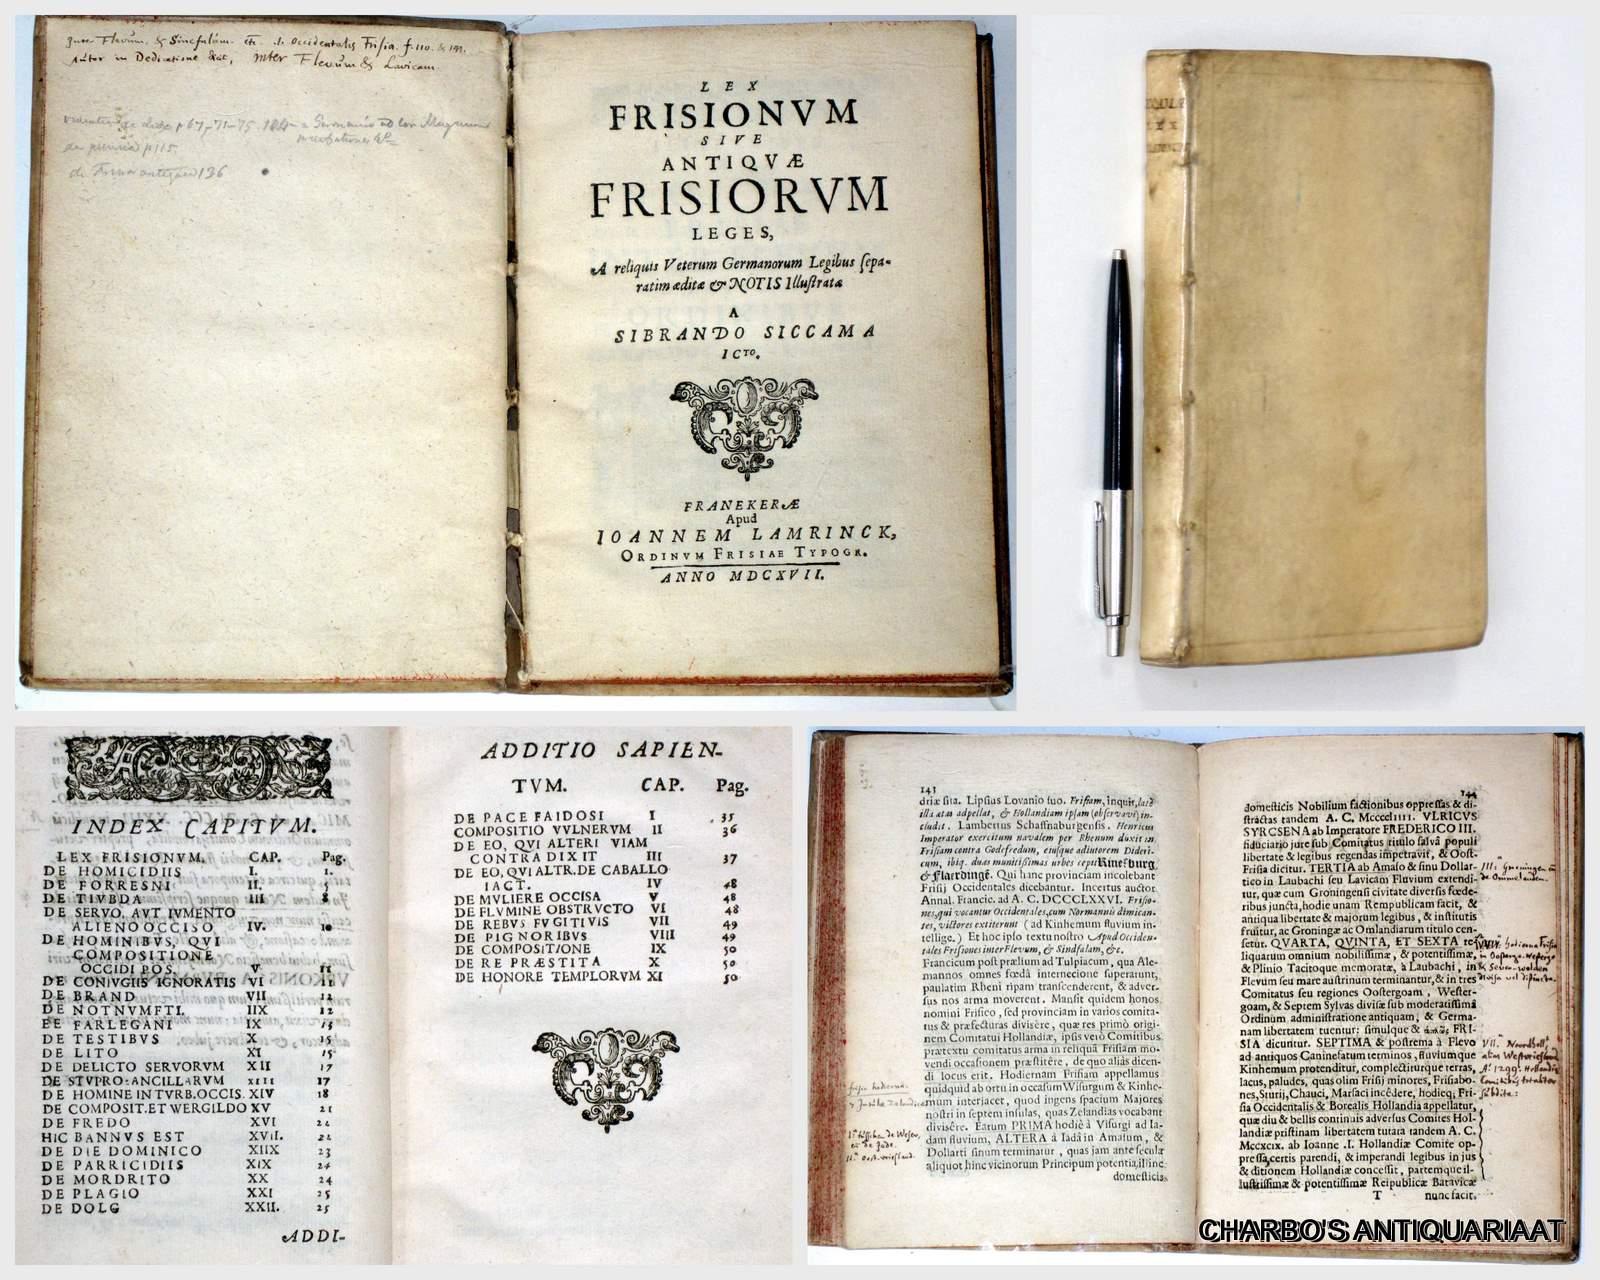 SICCAMA, SIBRAND, -  Lex Frisionum sive antique Frisorum leges, A reliquis Veterum Germanorum Legibus separatim aeditae & notis illustrata.